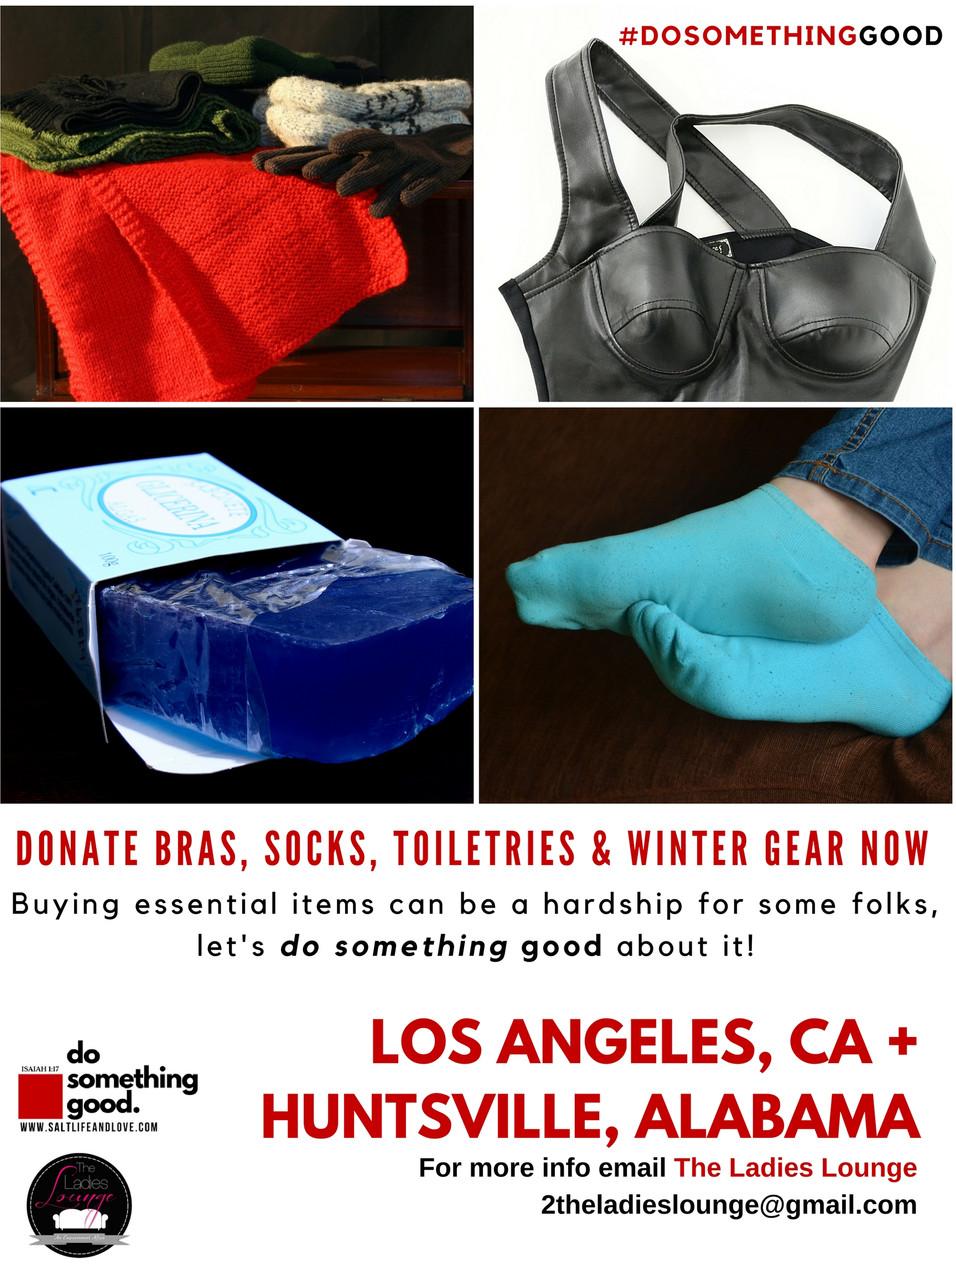 HUNTSVILLE, AL & LOS ANGELES, CA